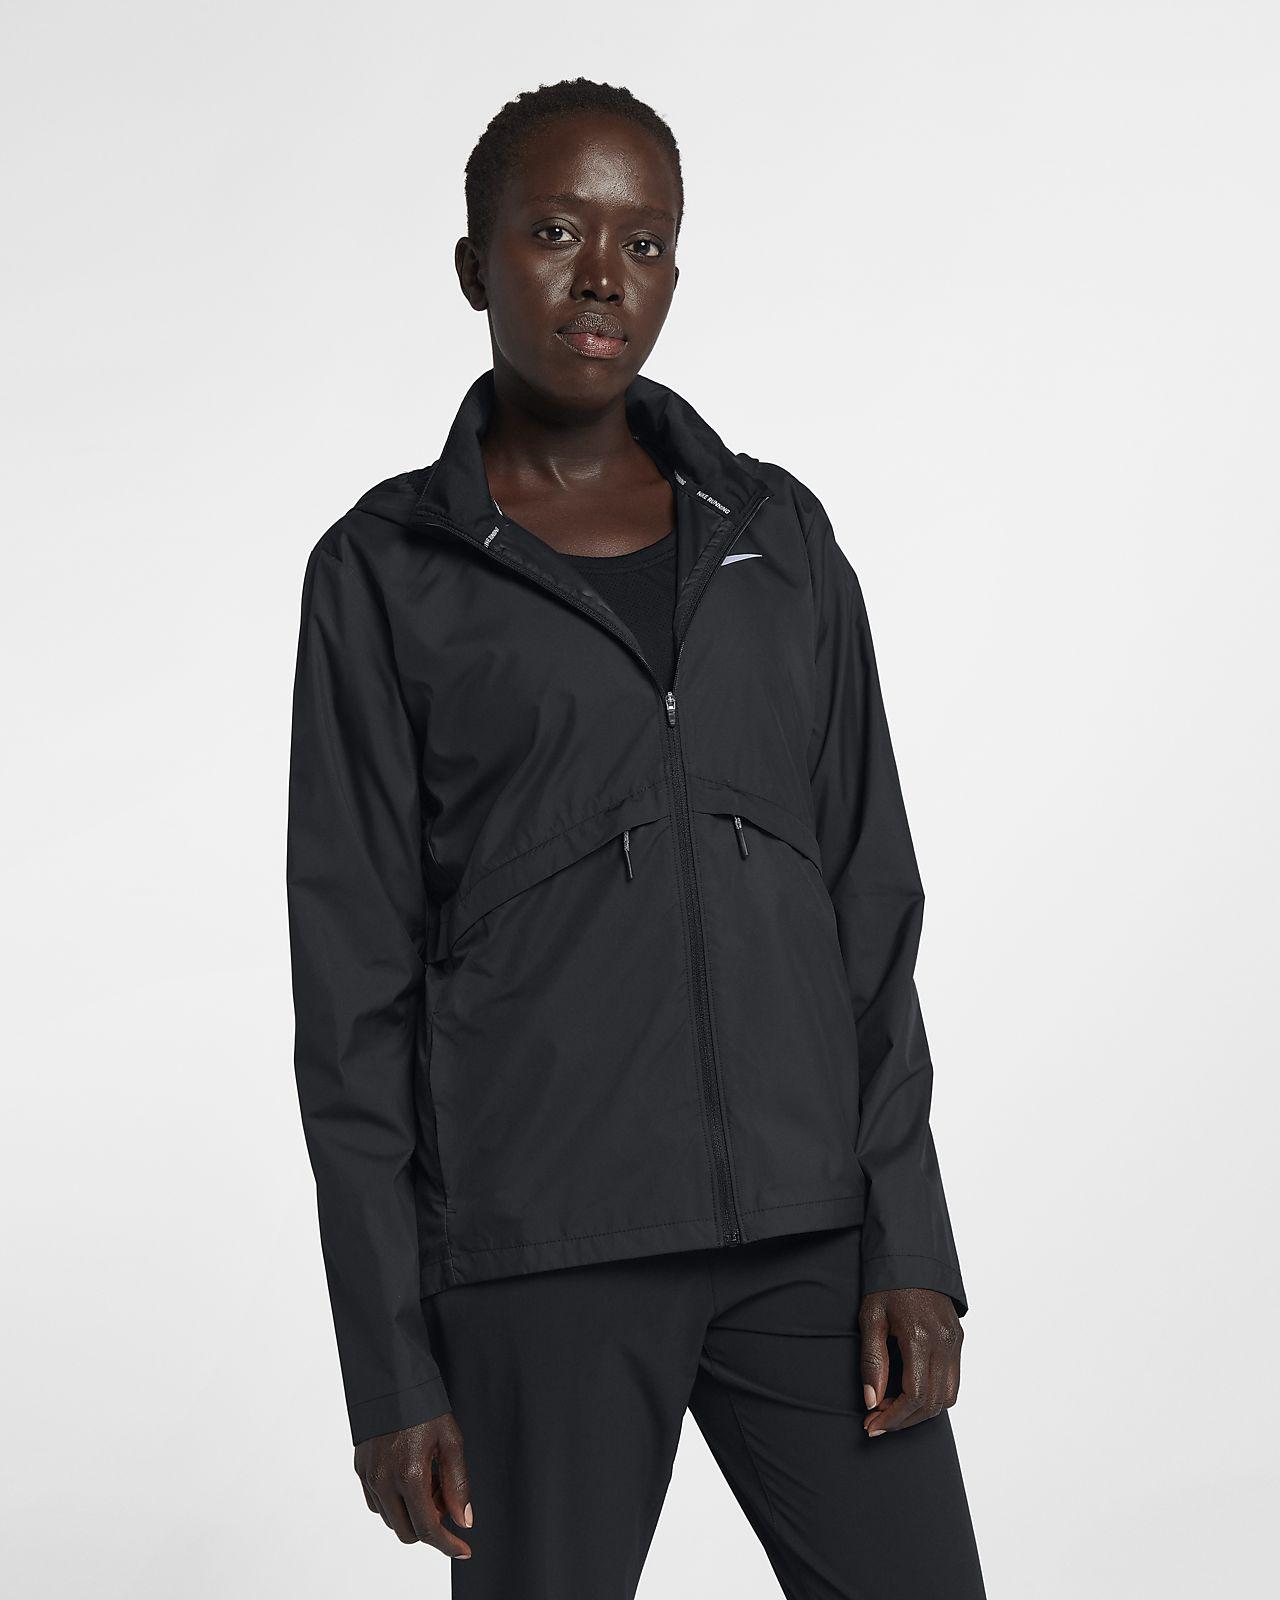 Damska, łatwo pakowana przeciwdeszczowa kurtka do biegania Nike Essential